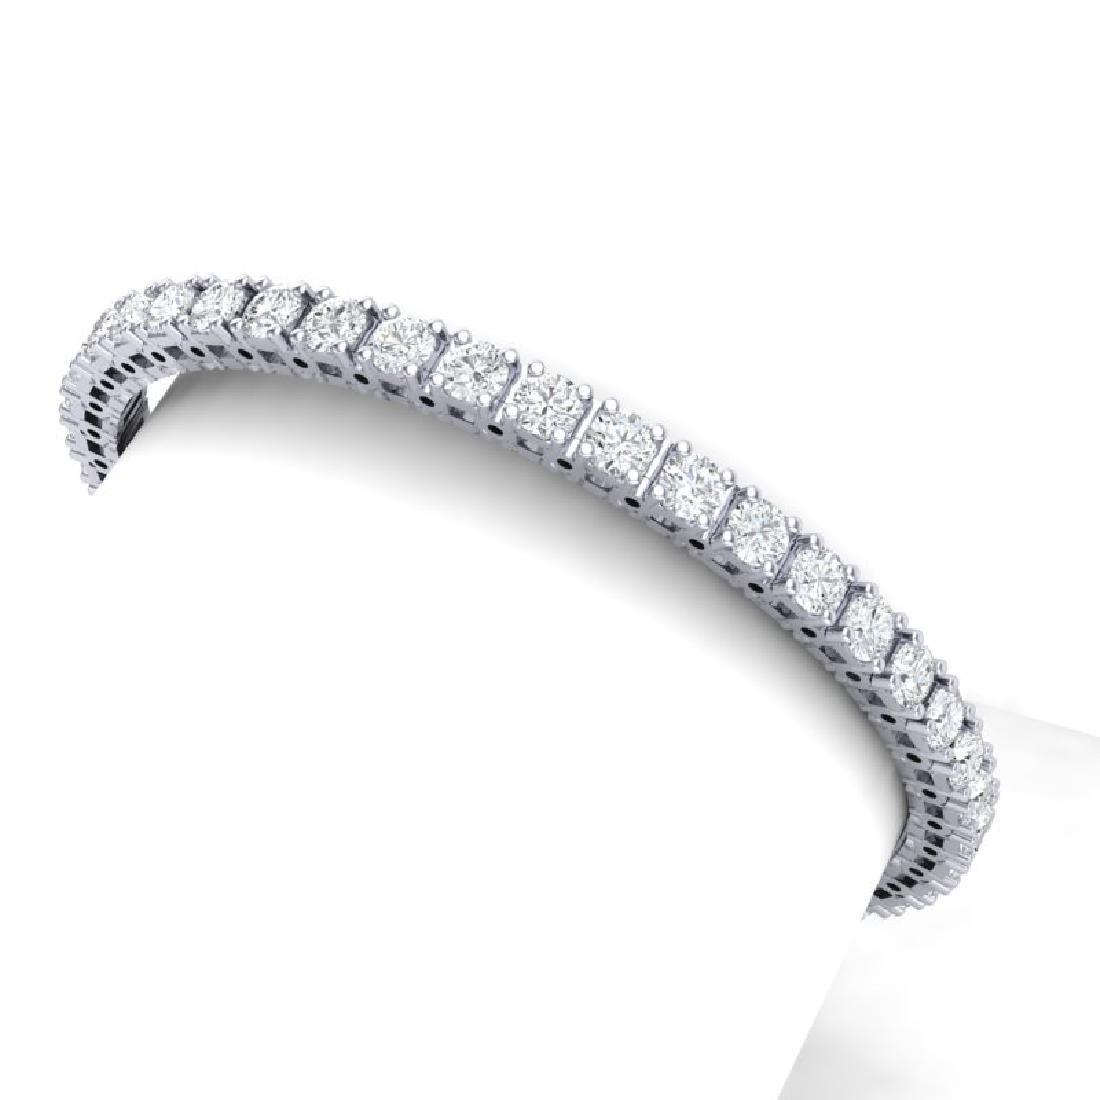 10 CTW Certified VS/SI Diamond Bracelet 18K White Gold